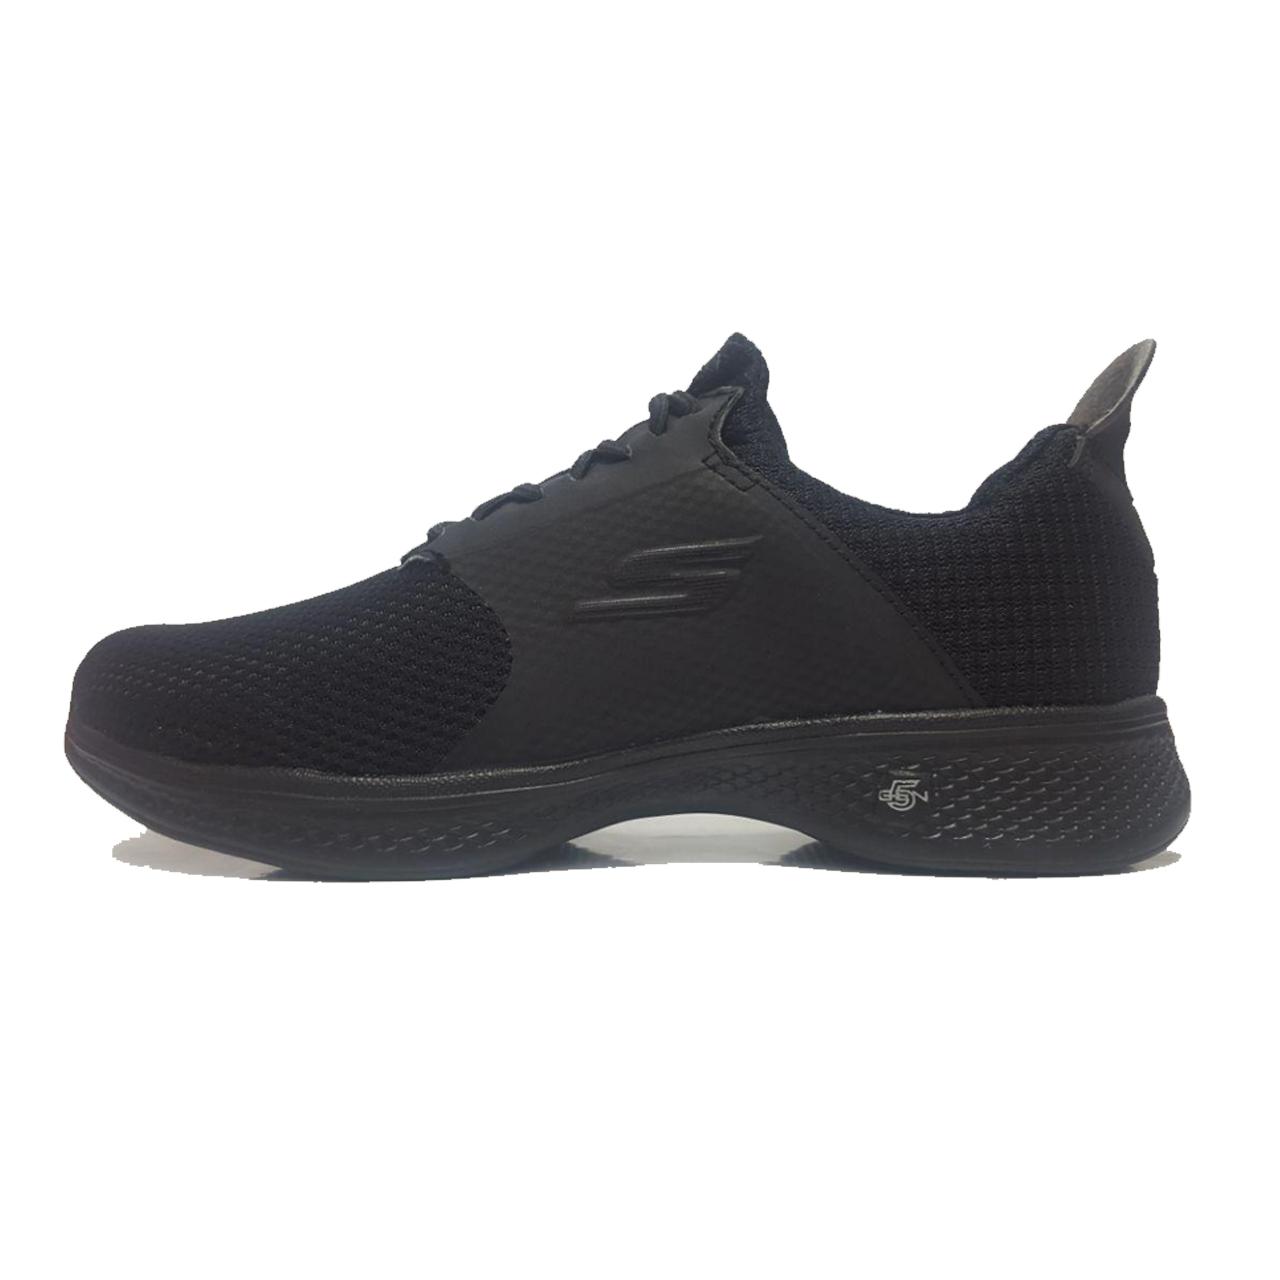 کفش مخصوص پیاده روی زنانه اسکیچرز مدل Go Walk 4-Black